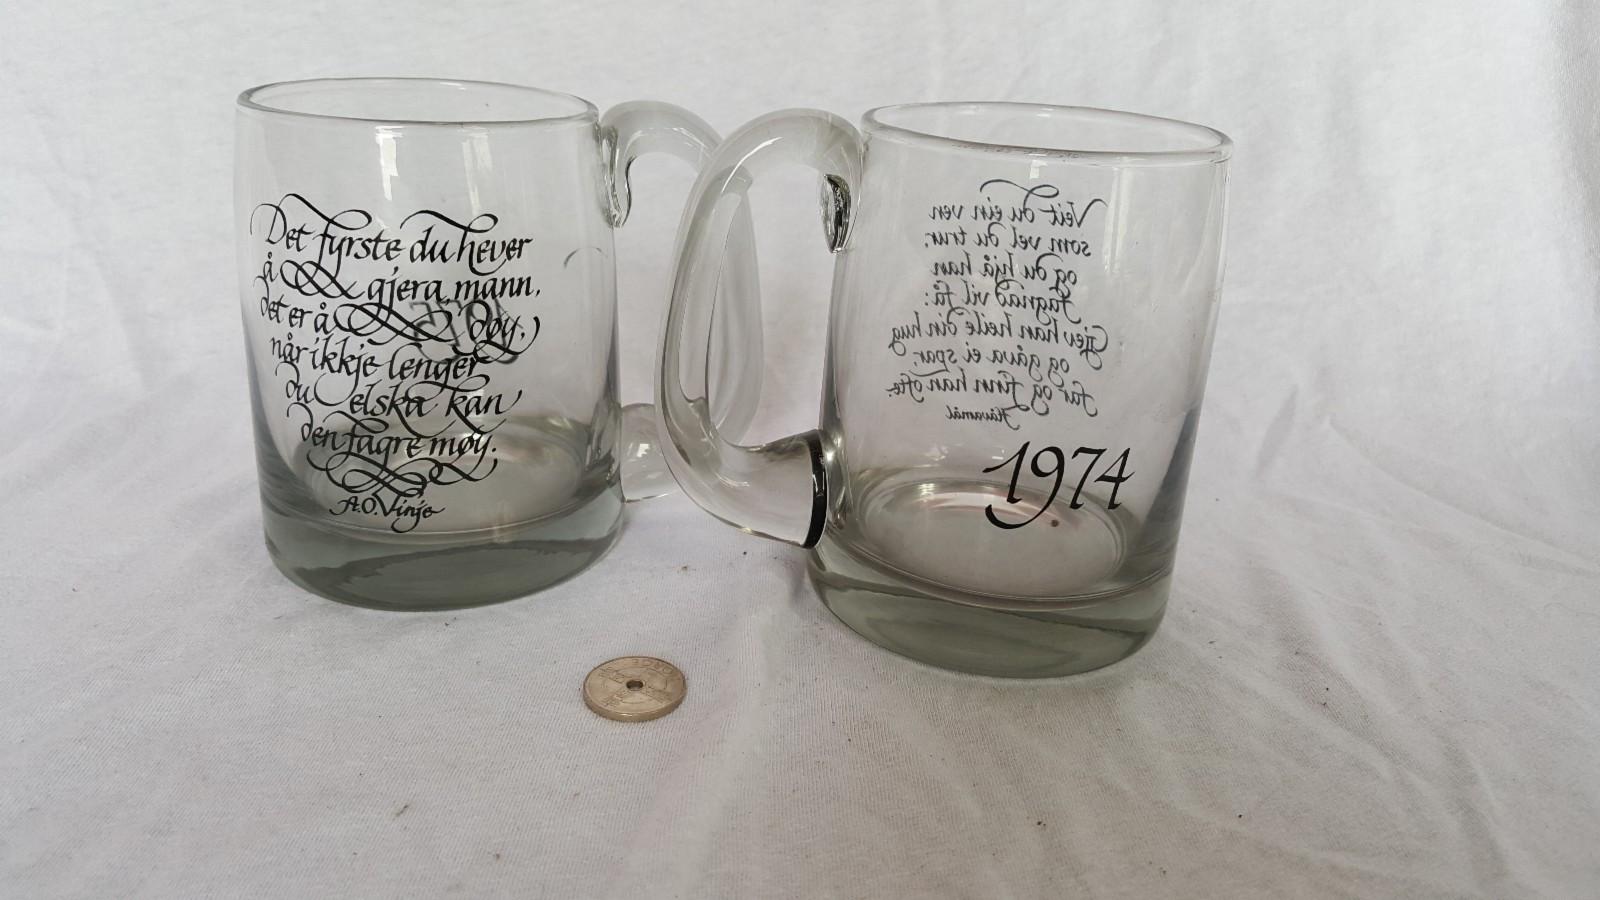 """Ny pris! Hadeland Odin Ølkrus - Vestfossen  - Selger to ølkrus fra Hadeland i Odin serien, fra 74 og 75. Krusene er i god stand og knapt brukt.  1975 """"Det fyrste du hever å gjera mann, det er å døy. Når ikkje lenger du elska kan den fagre møy. A.O. Vinje.""""&# - Vestfossen"""